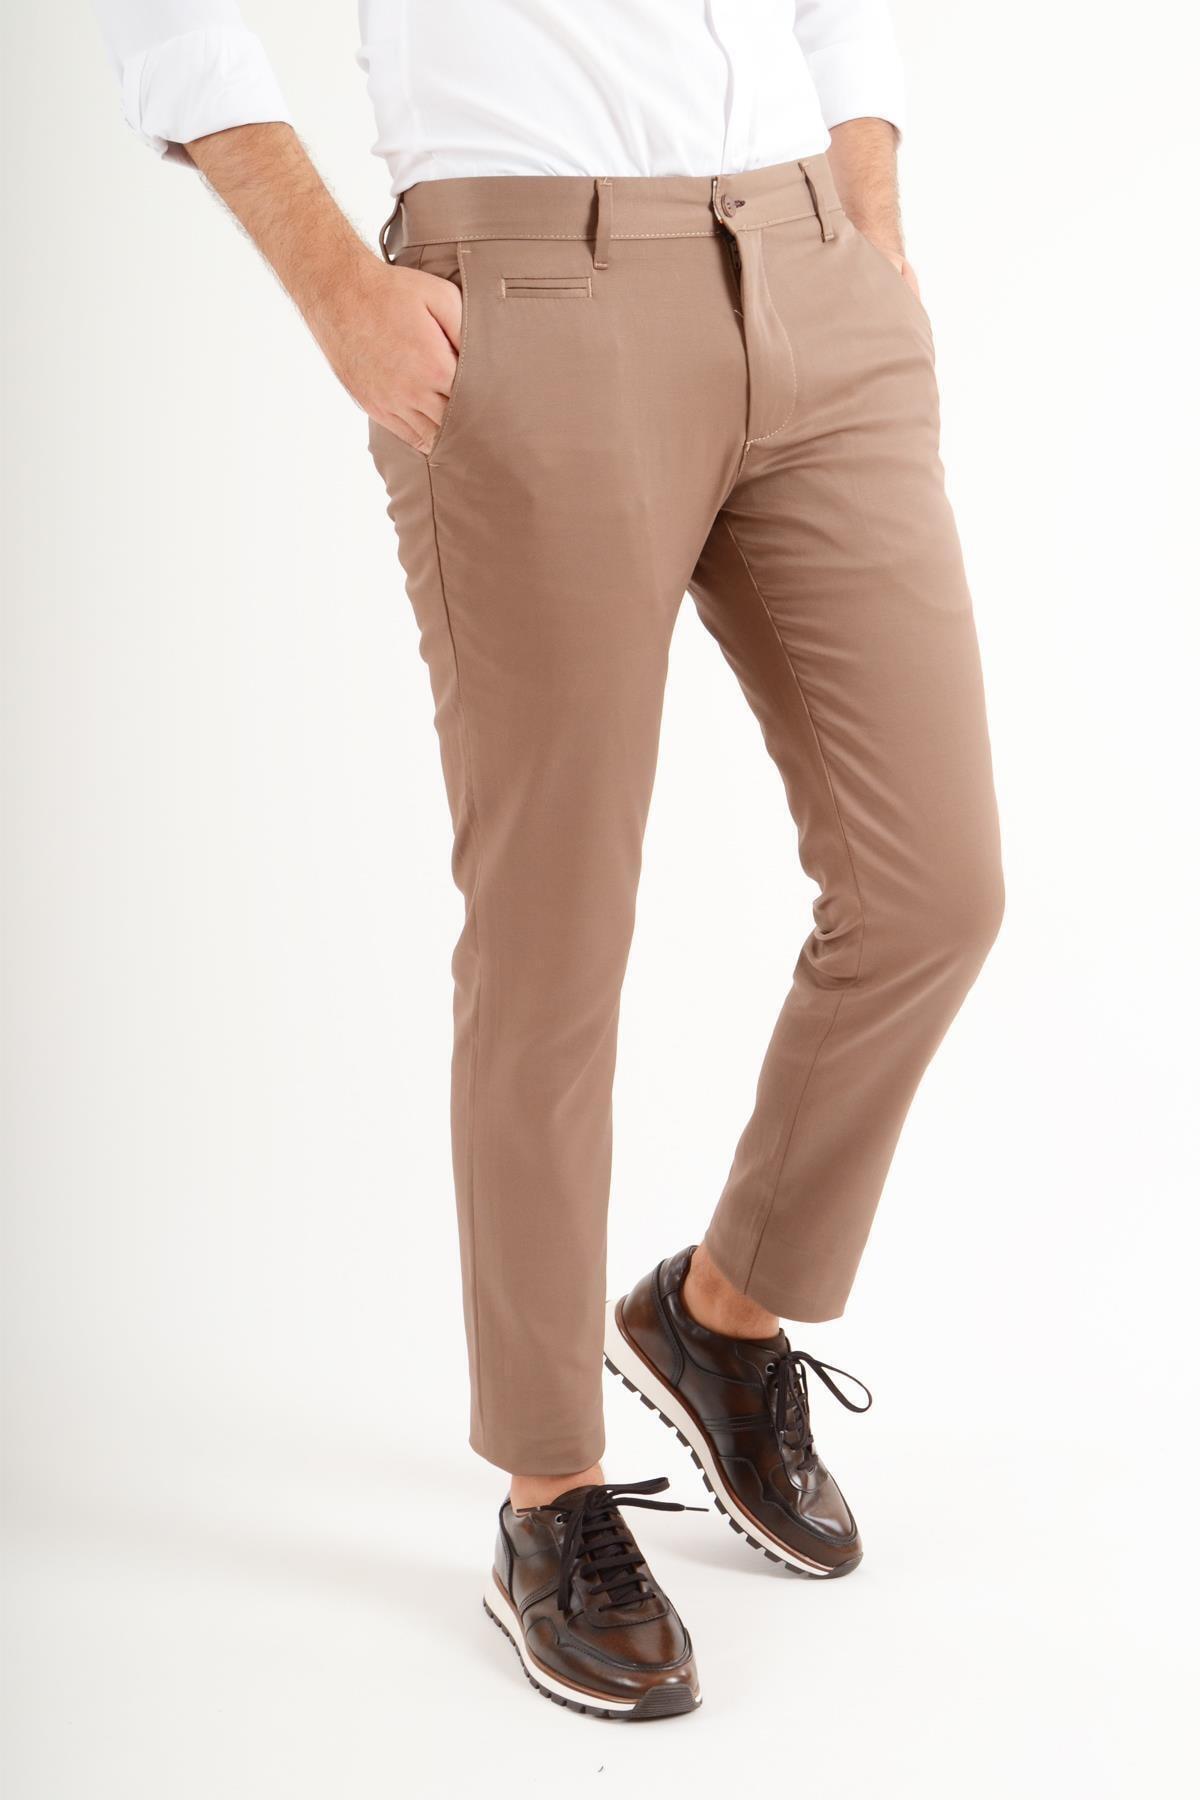 Luppo Club Günlük Kumaş Sütlü Kahve Erkek Pantolon Salacak 1